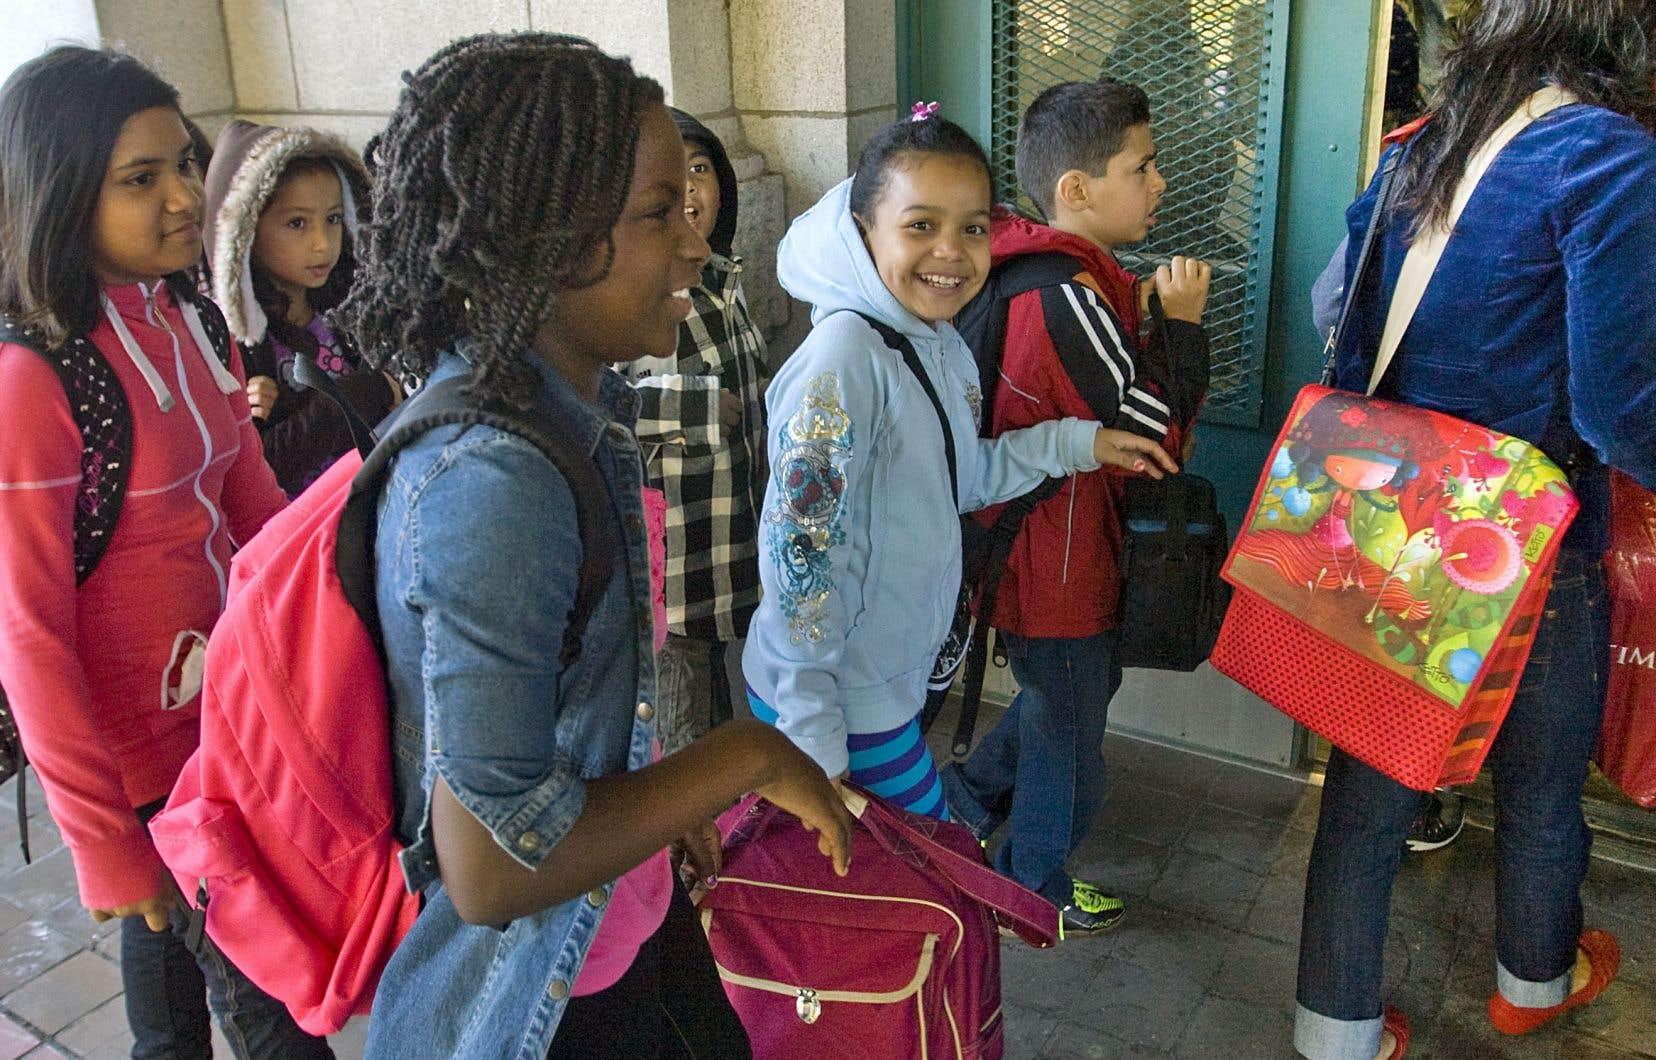 La CAQ propose de transformer les commissions scolaires «en centres de services aux écoles, des organisations qui auront pour mission de soutenir les écoles plutôt que de les diriger à distance», rappelle l'auteur.